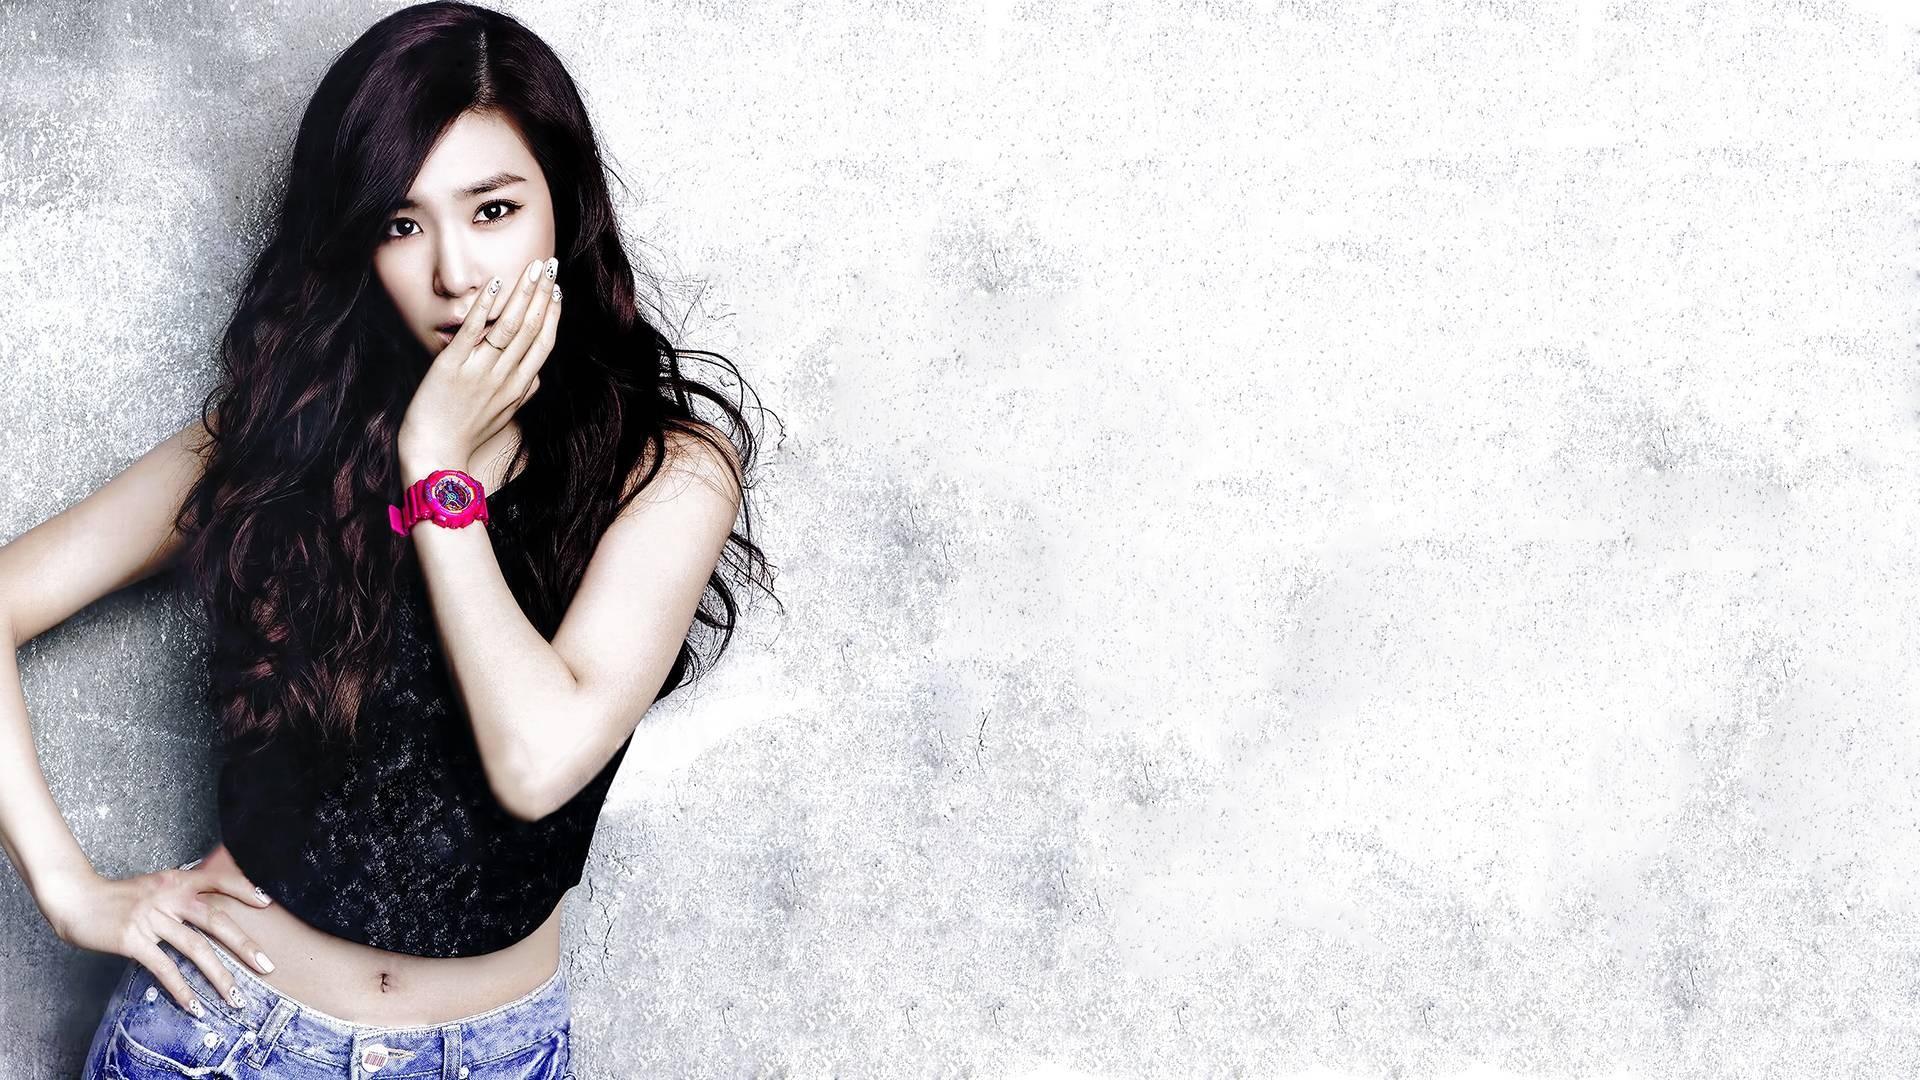 Wallpaper Women Model Long Hair Asian Singer Blue: Wallpaper : Women, Model, Eyes, Long Hair, Looking At